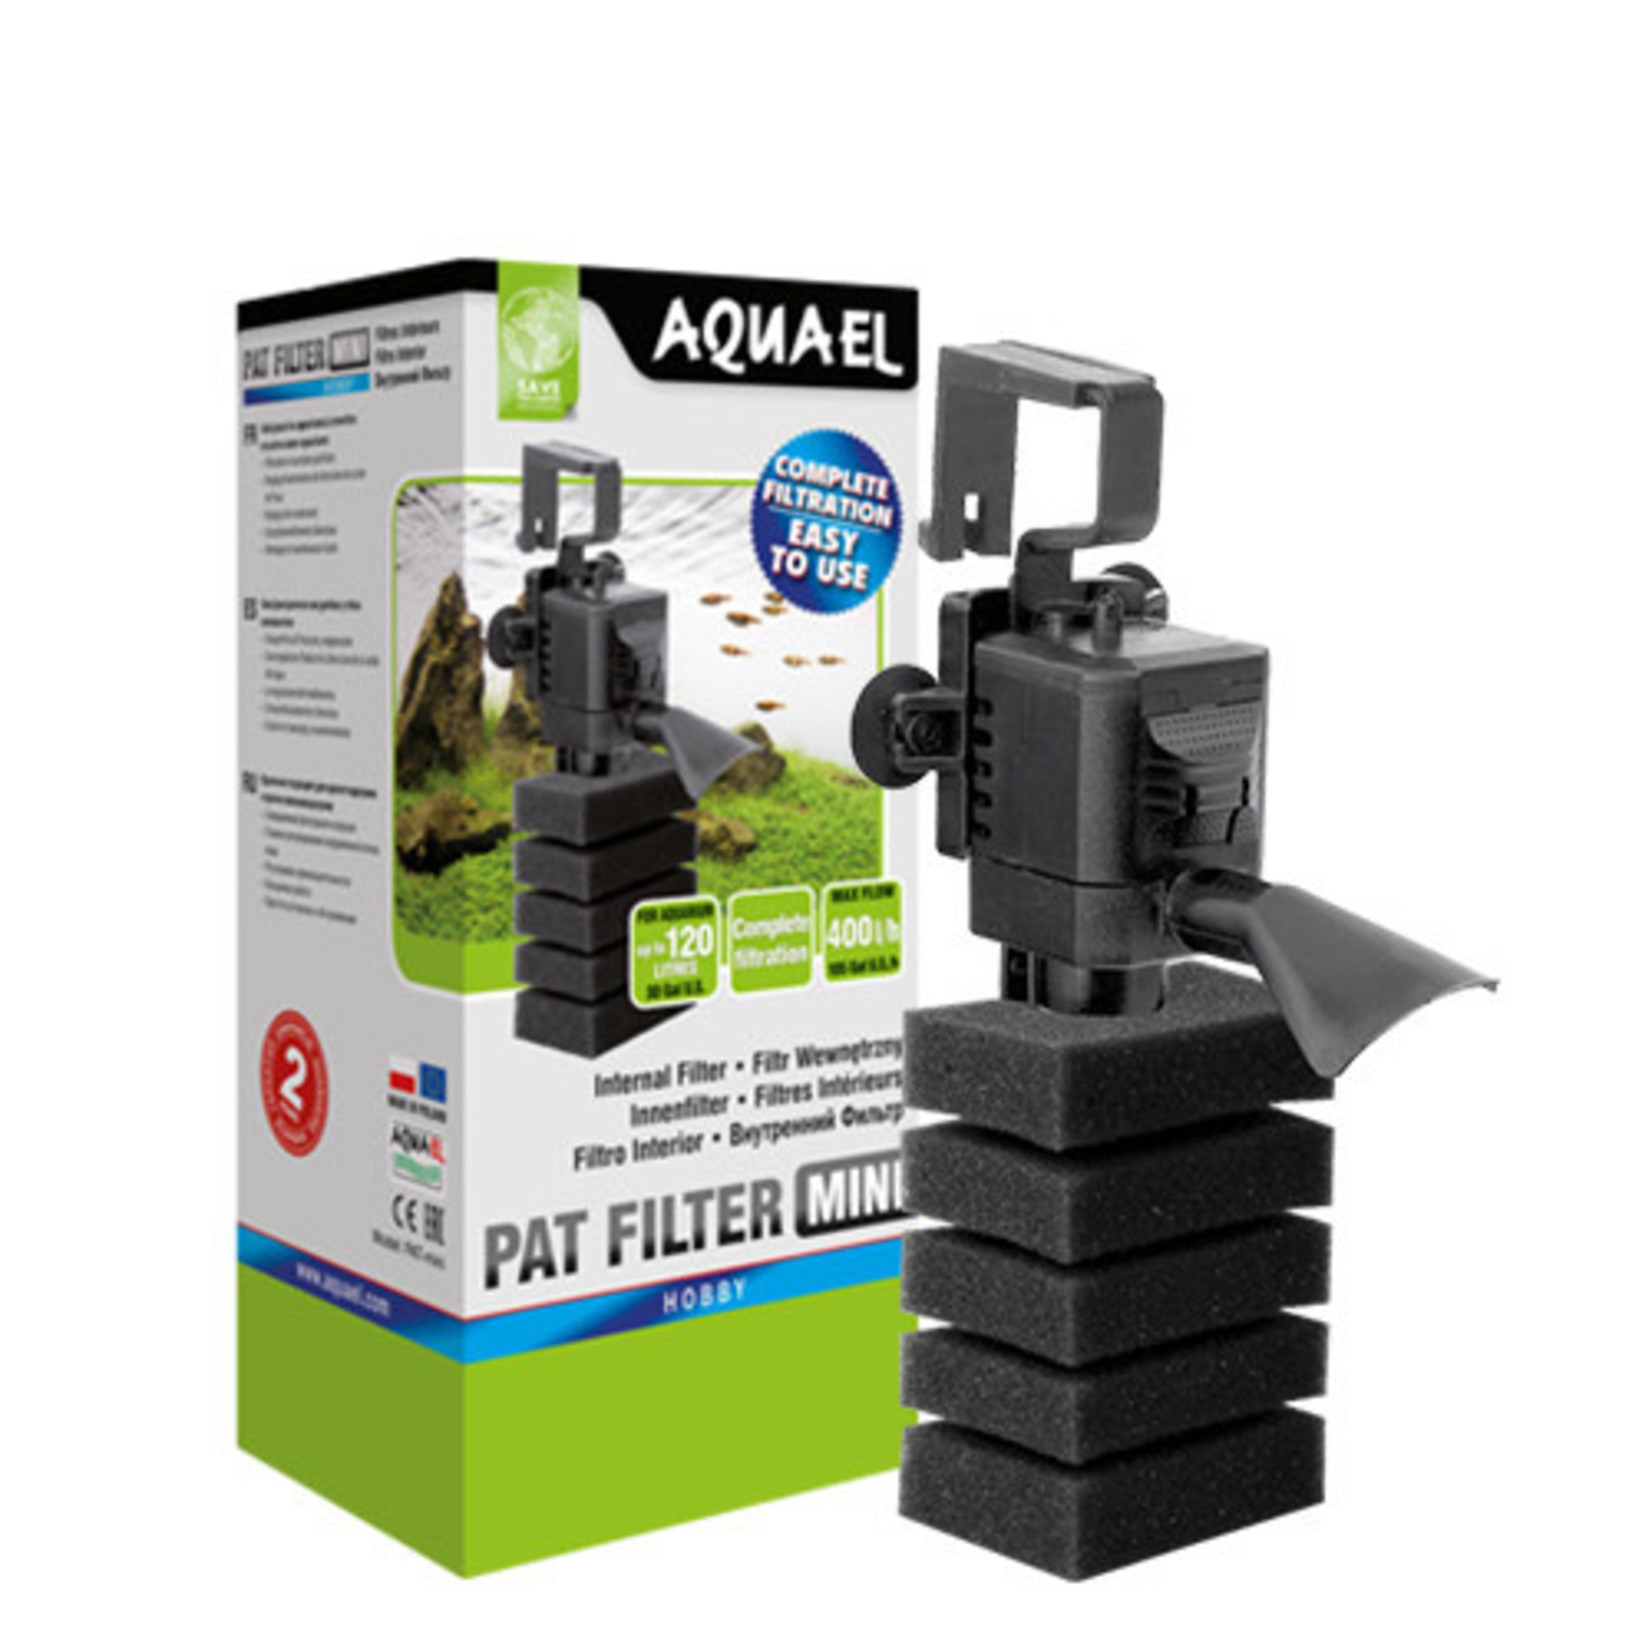 AquaEl Filtre PAT MINI 400l/h